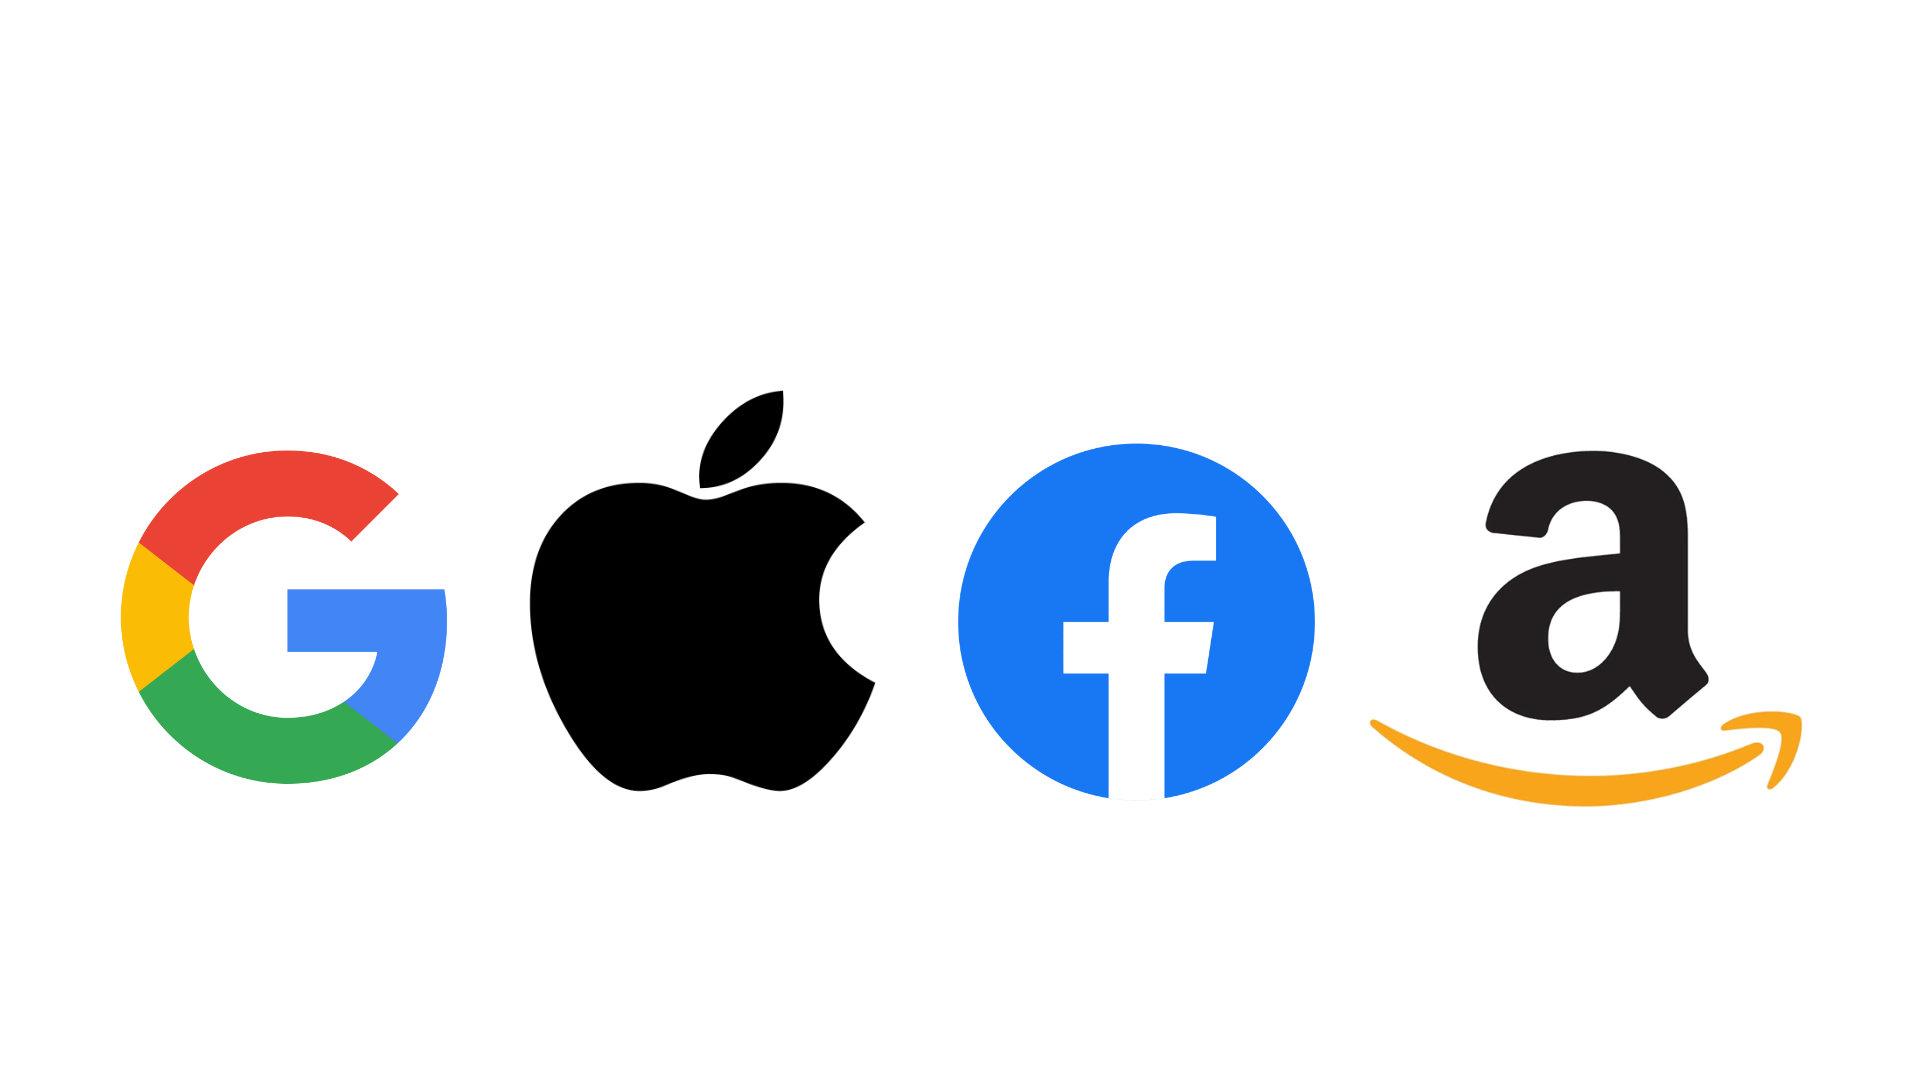 Die sogenannten GAFA - Google, Apple, Facebook, Amazon.